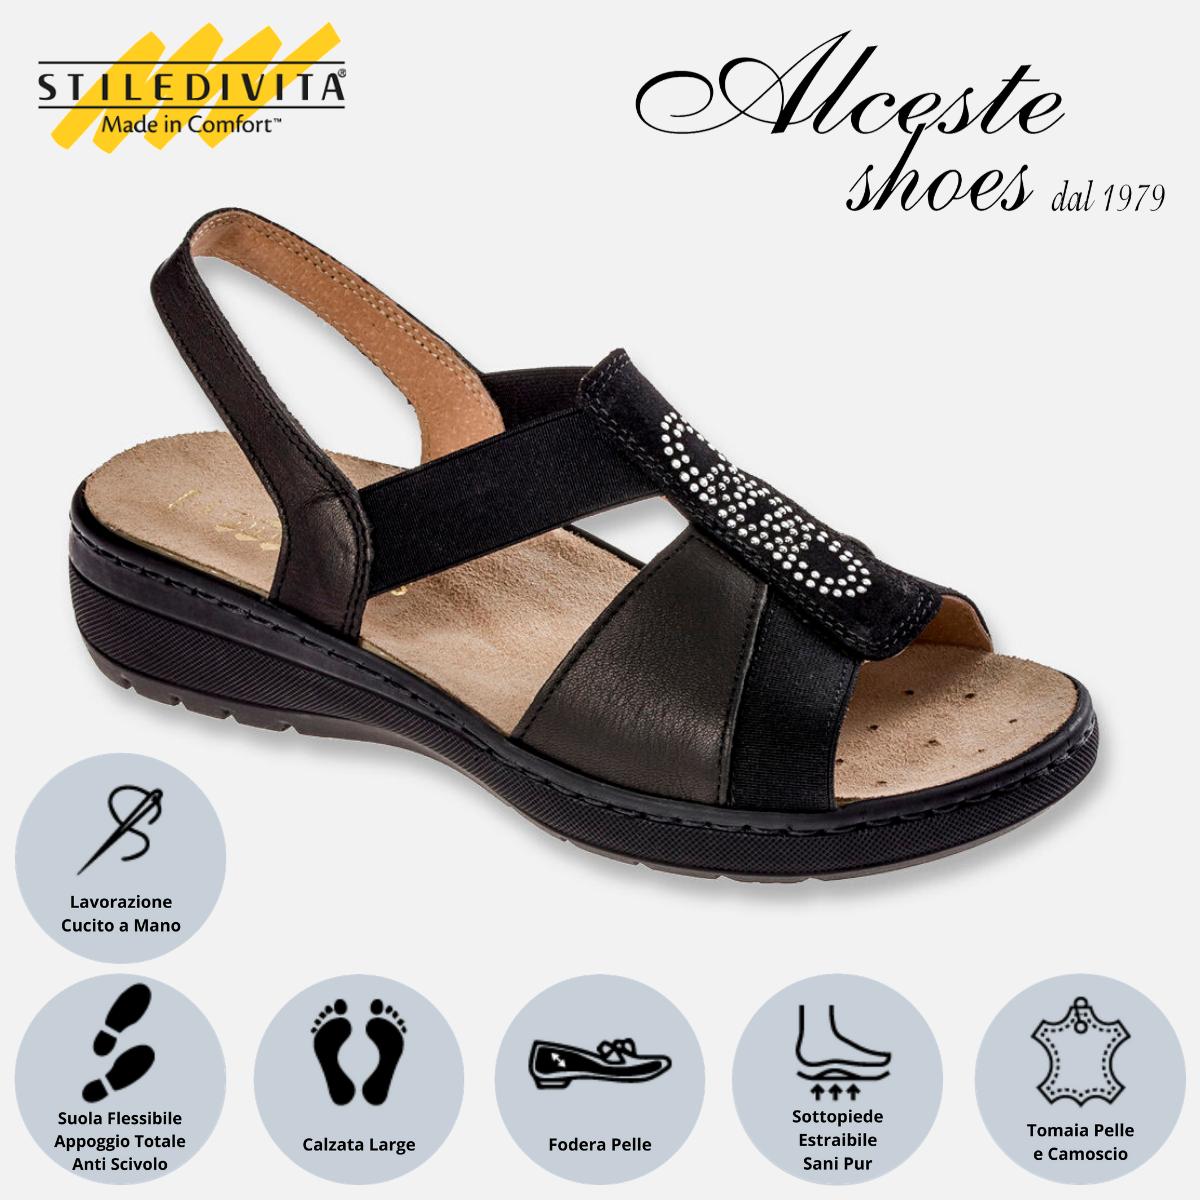 Sandalo con Elastici Stiledivita Art. 8387 Pelle e Camoscio Nero Alceste Shoes 8387 Nero